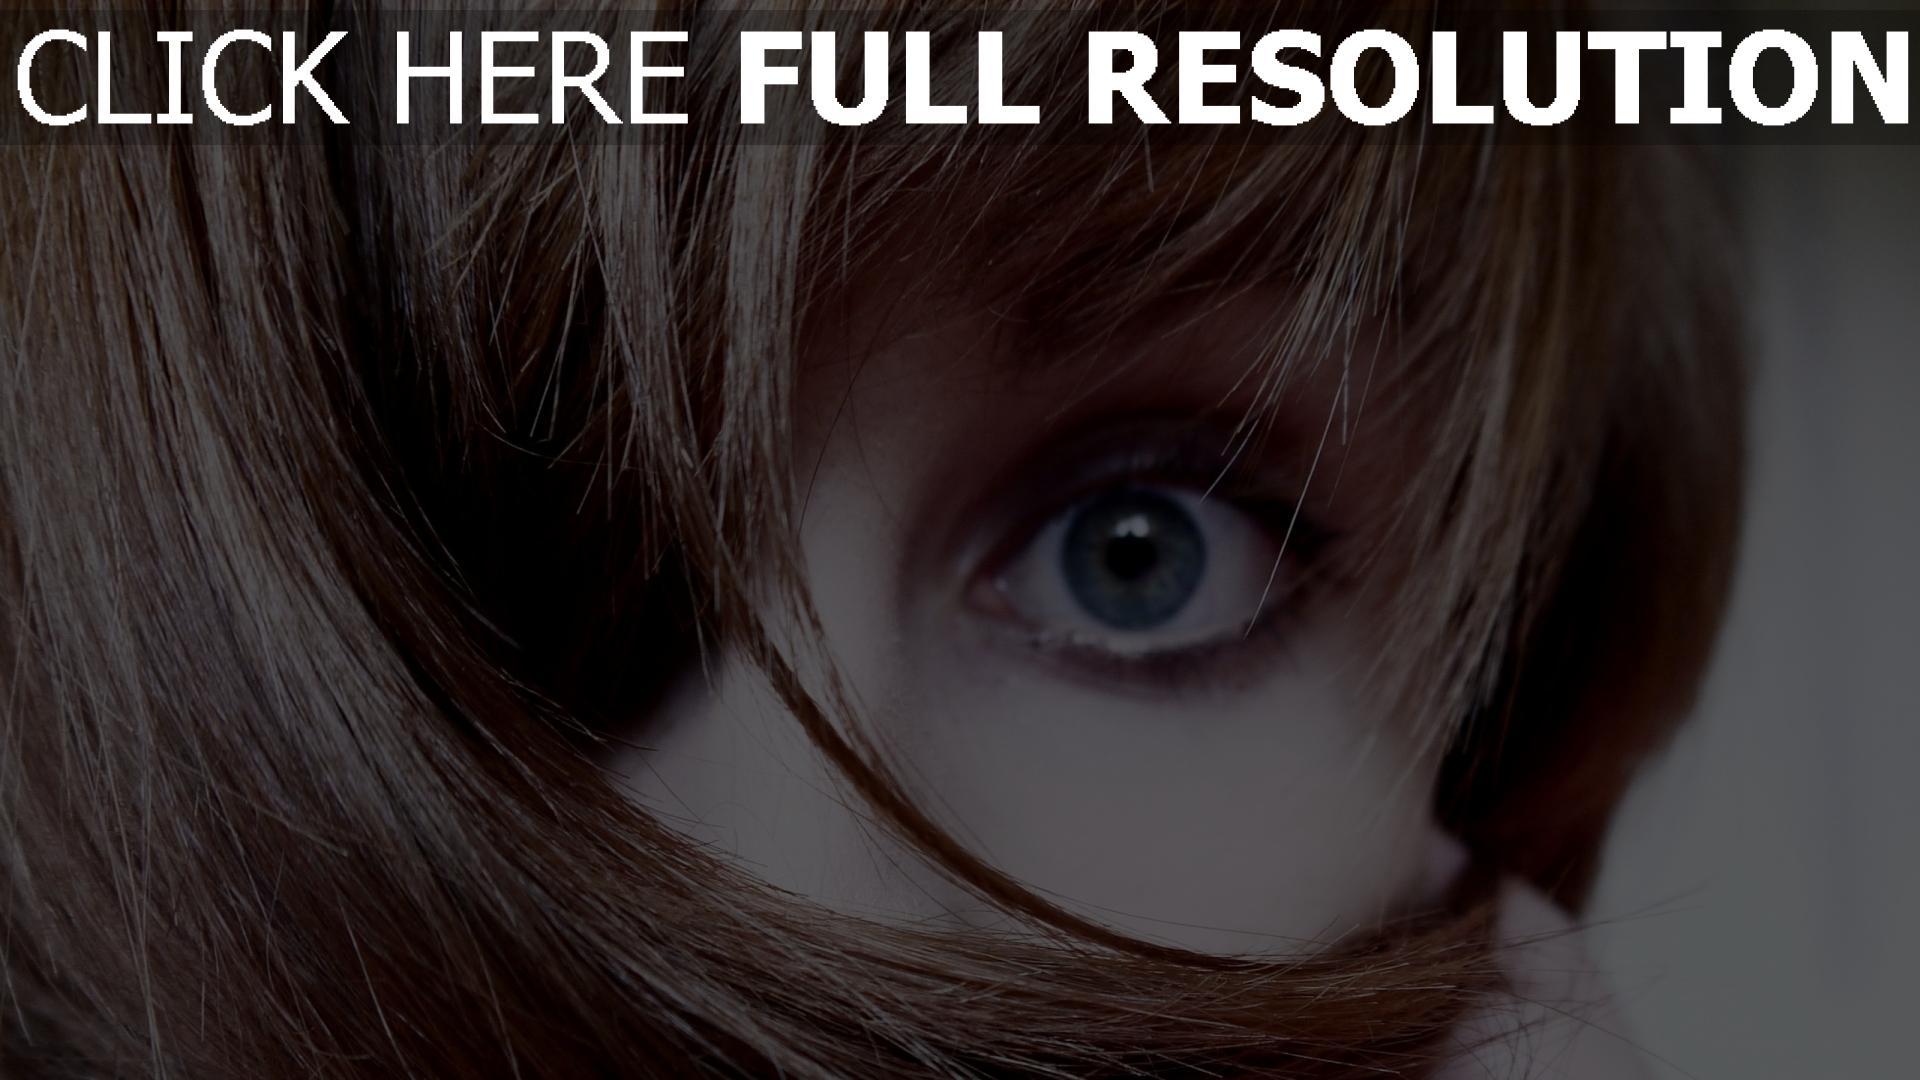 yeux bleus vidéo téléchargement qualité hd